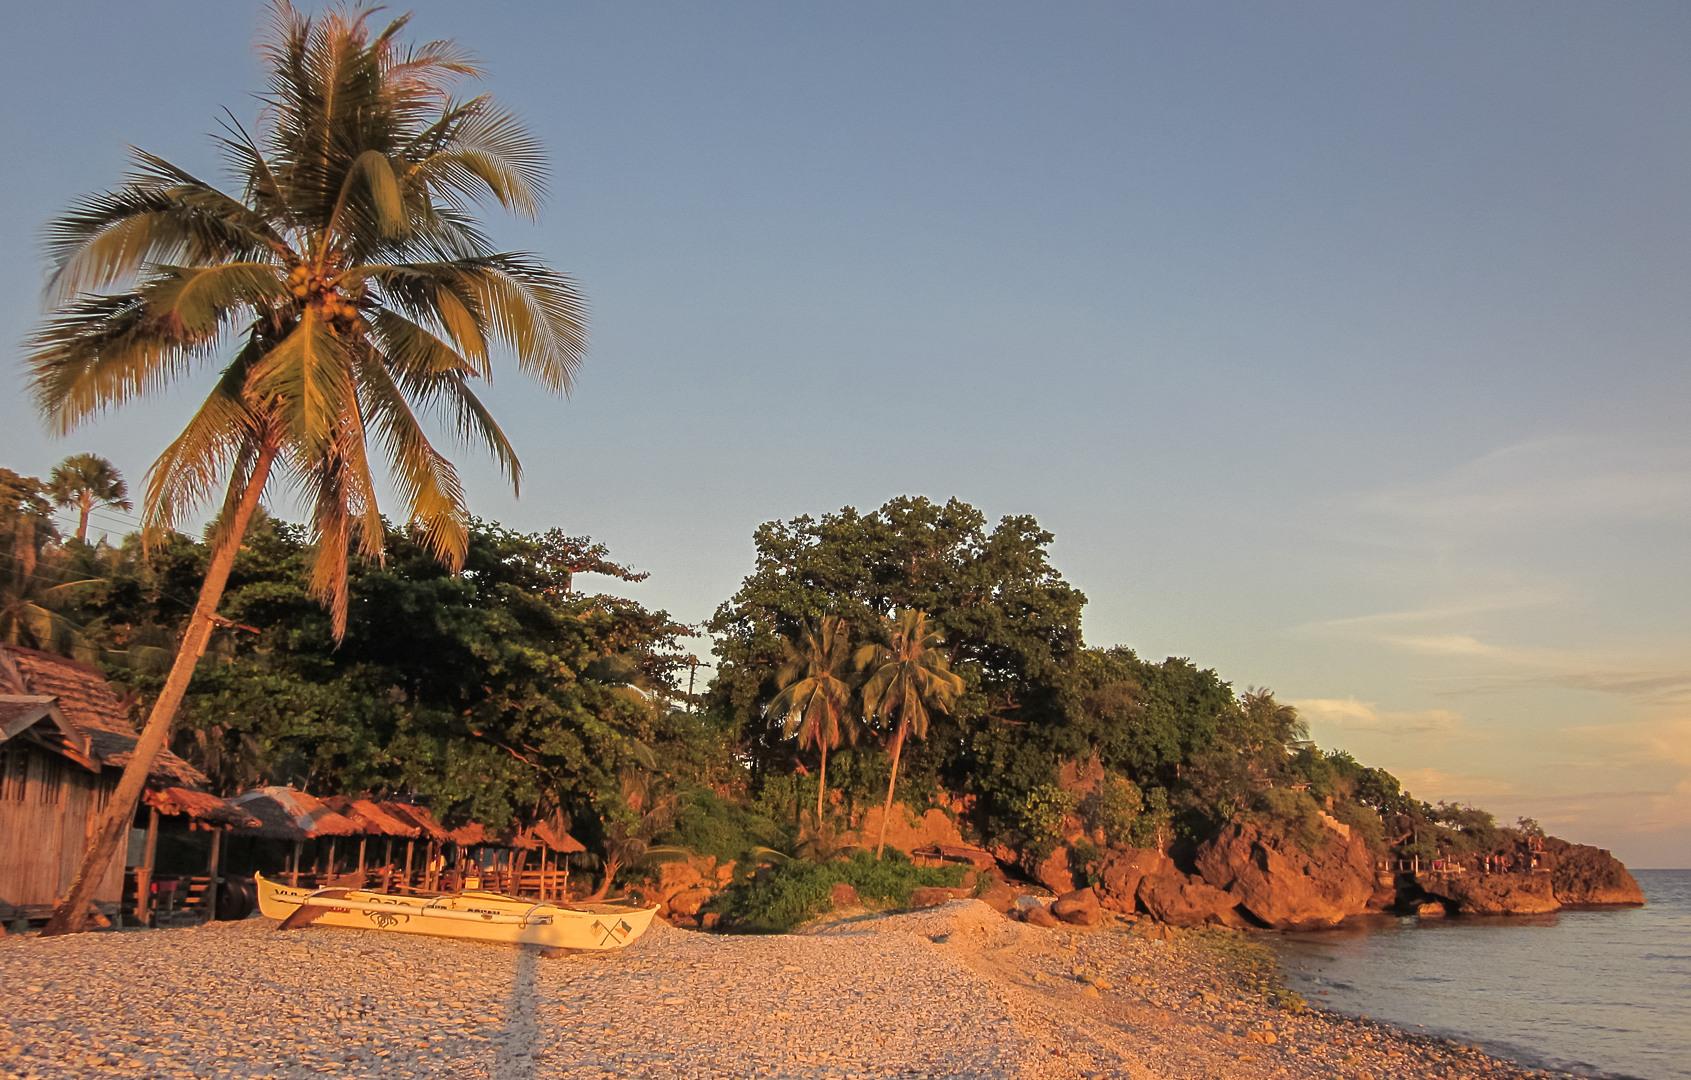 Sunset on the Bohol island